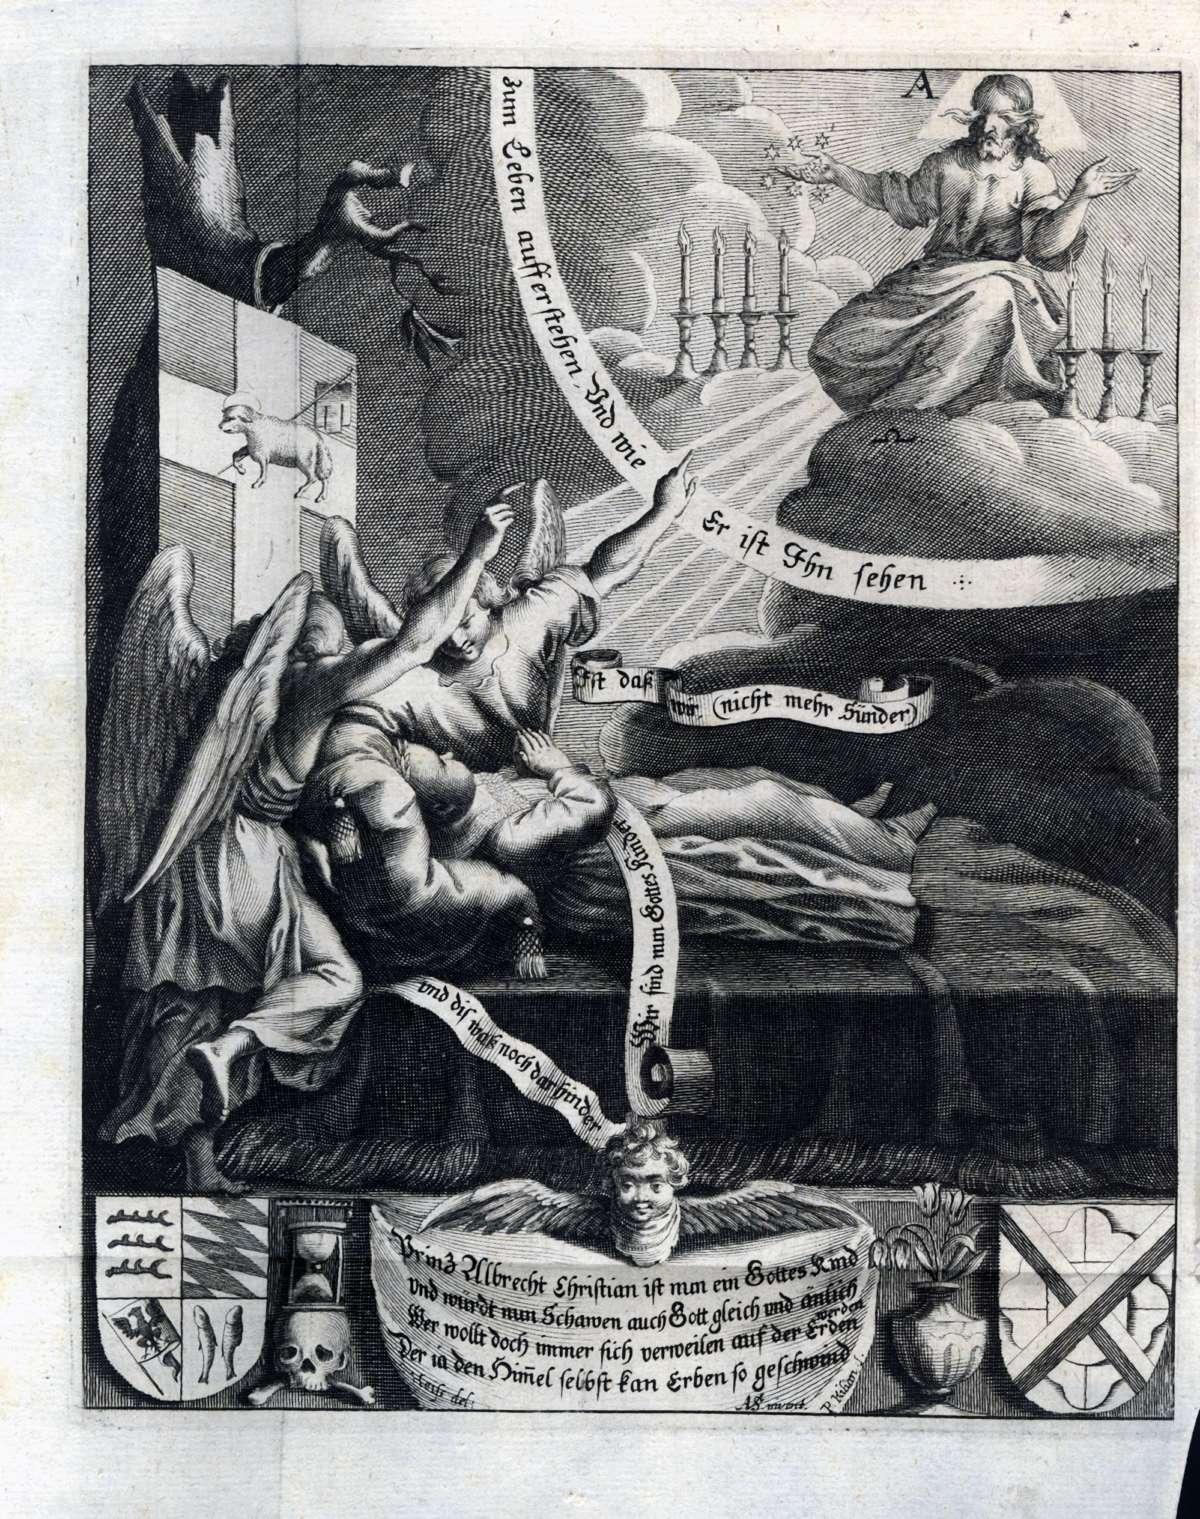 Leichenpredigten über Mitglieder des Hauses Württemberg, Bild 2